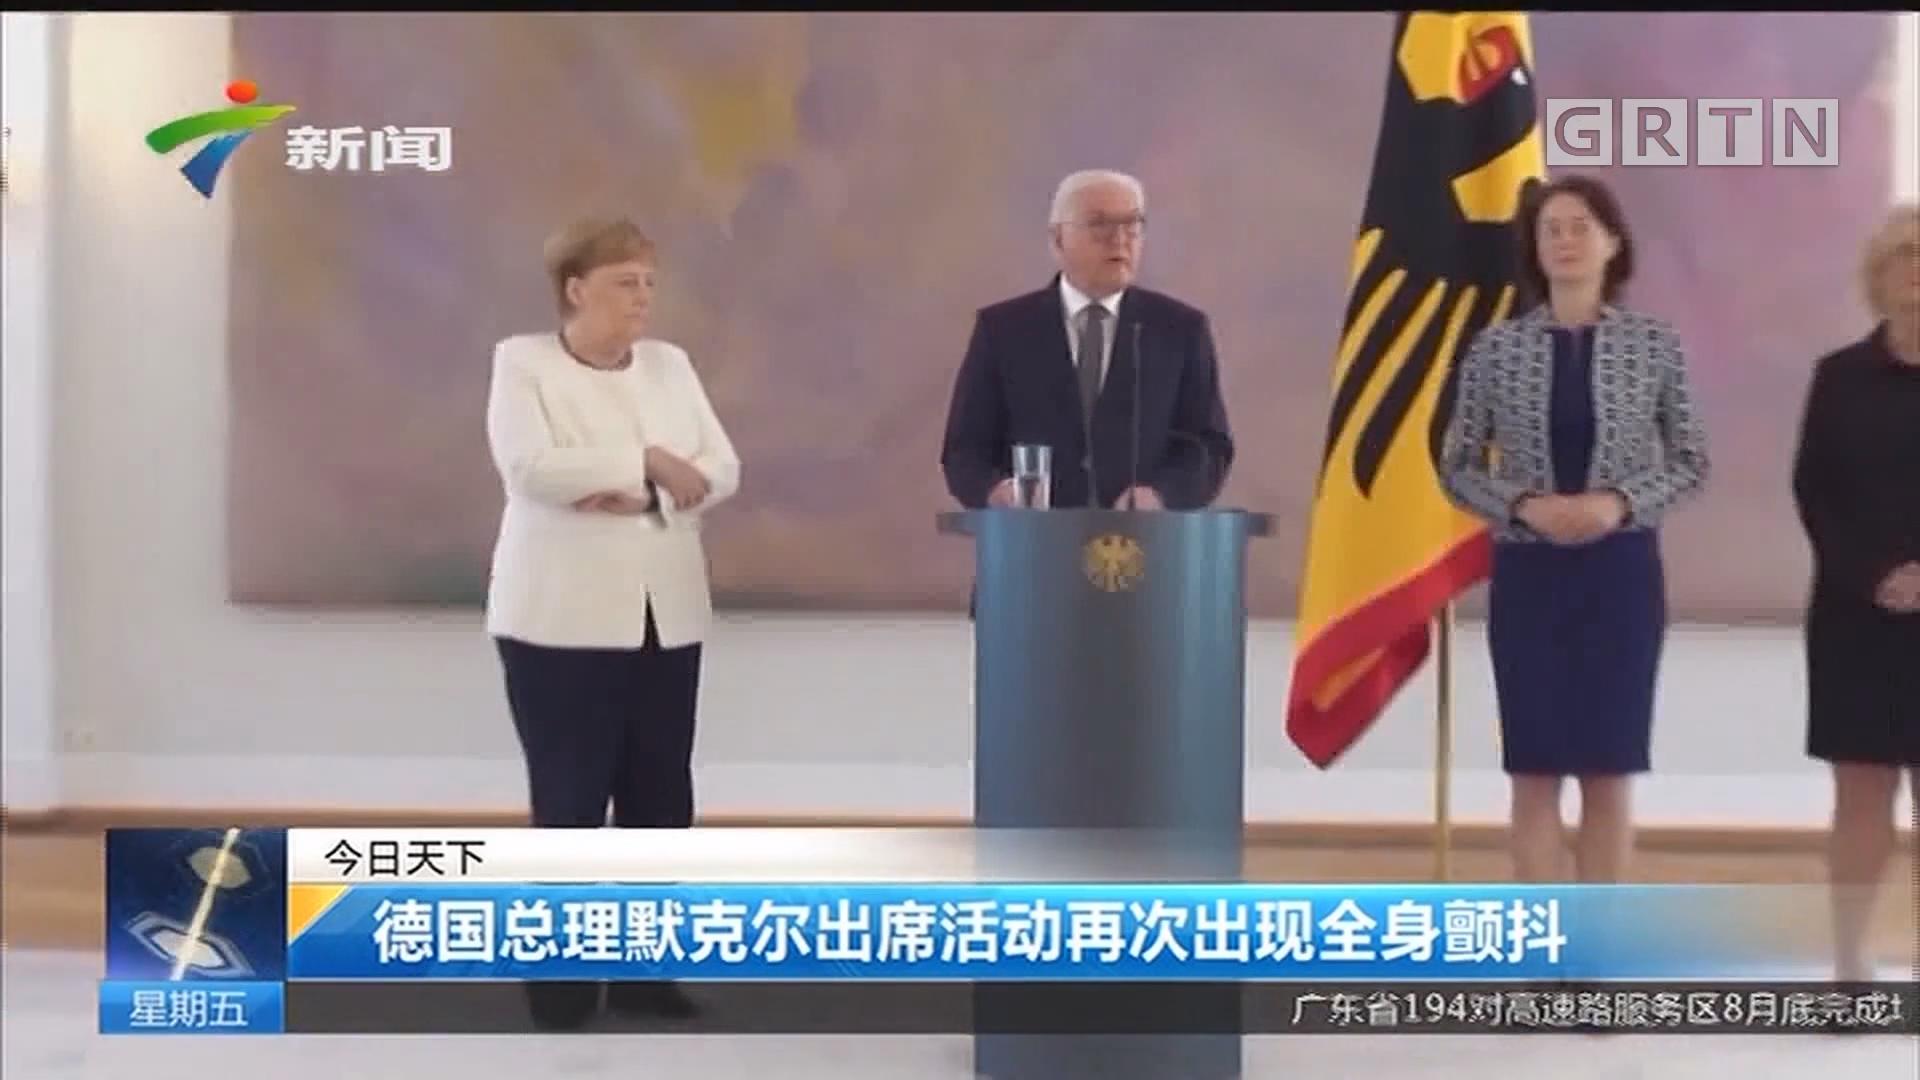 德国总理默克尔出席活动再次出现全身颤抖